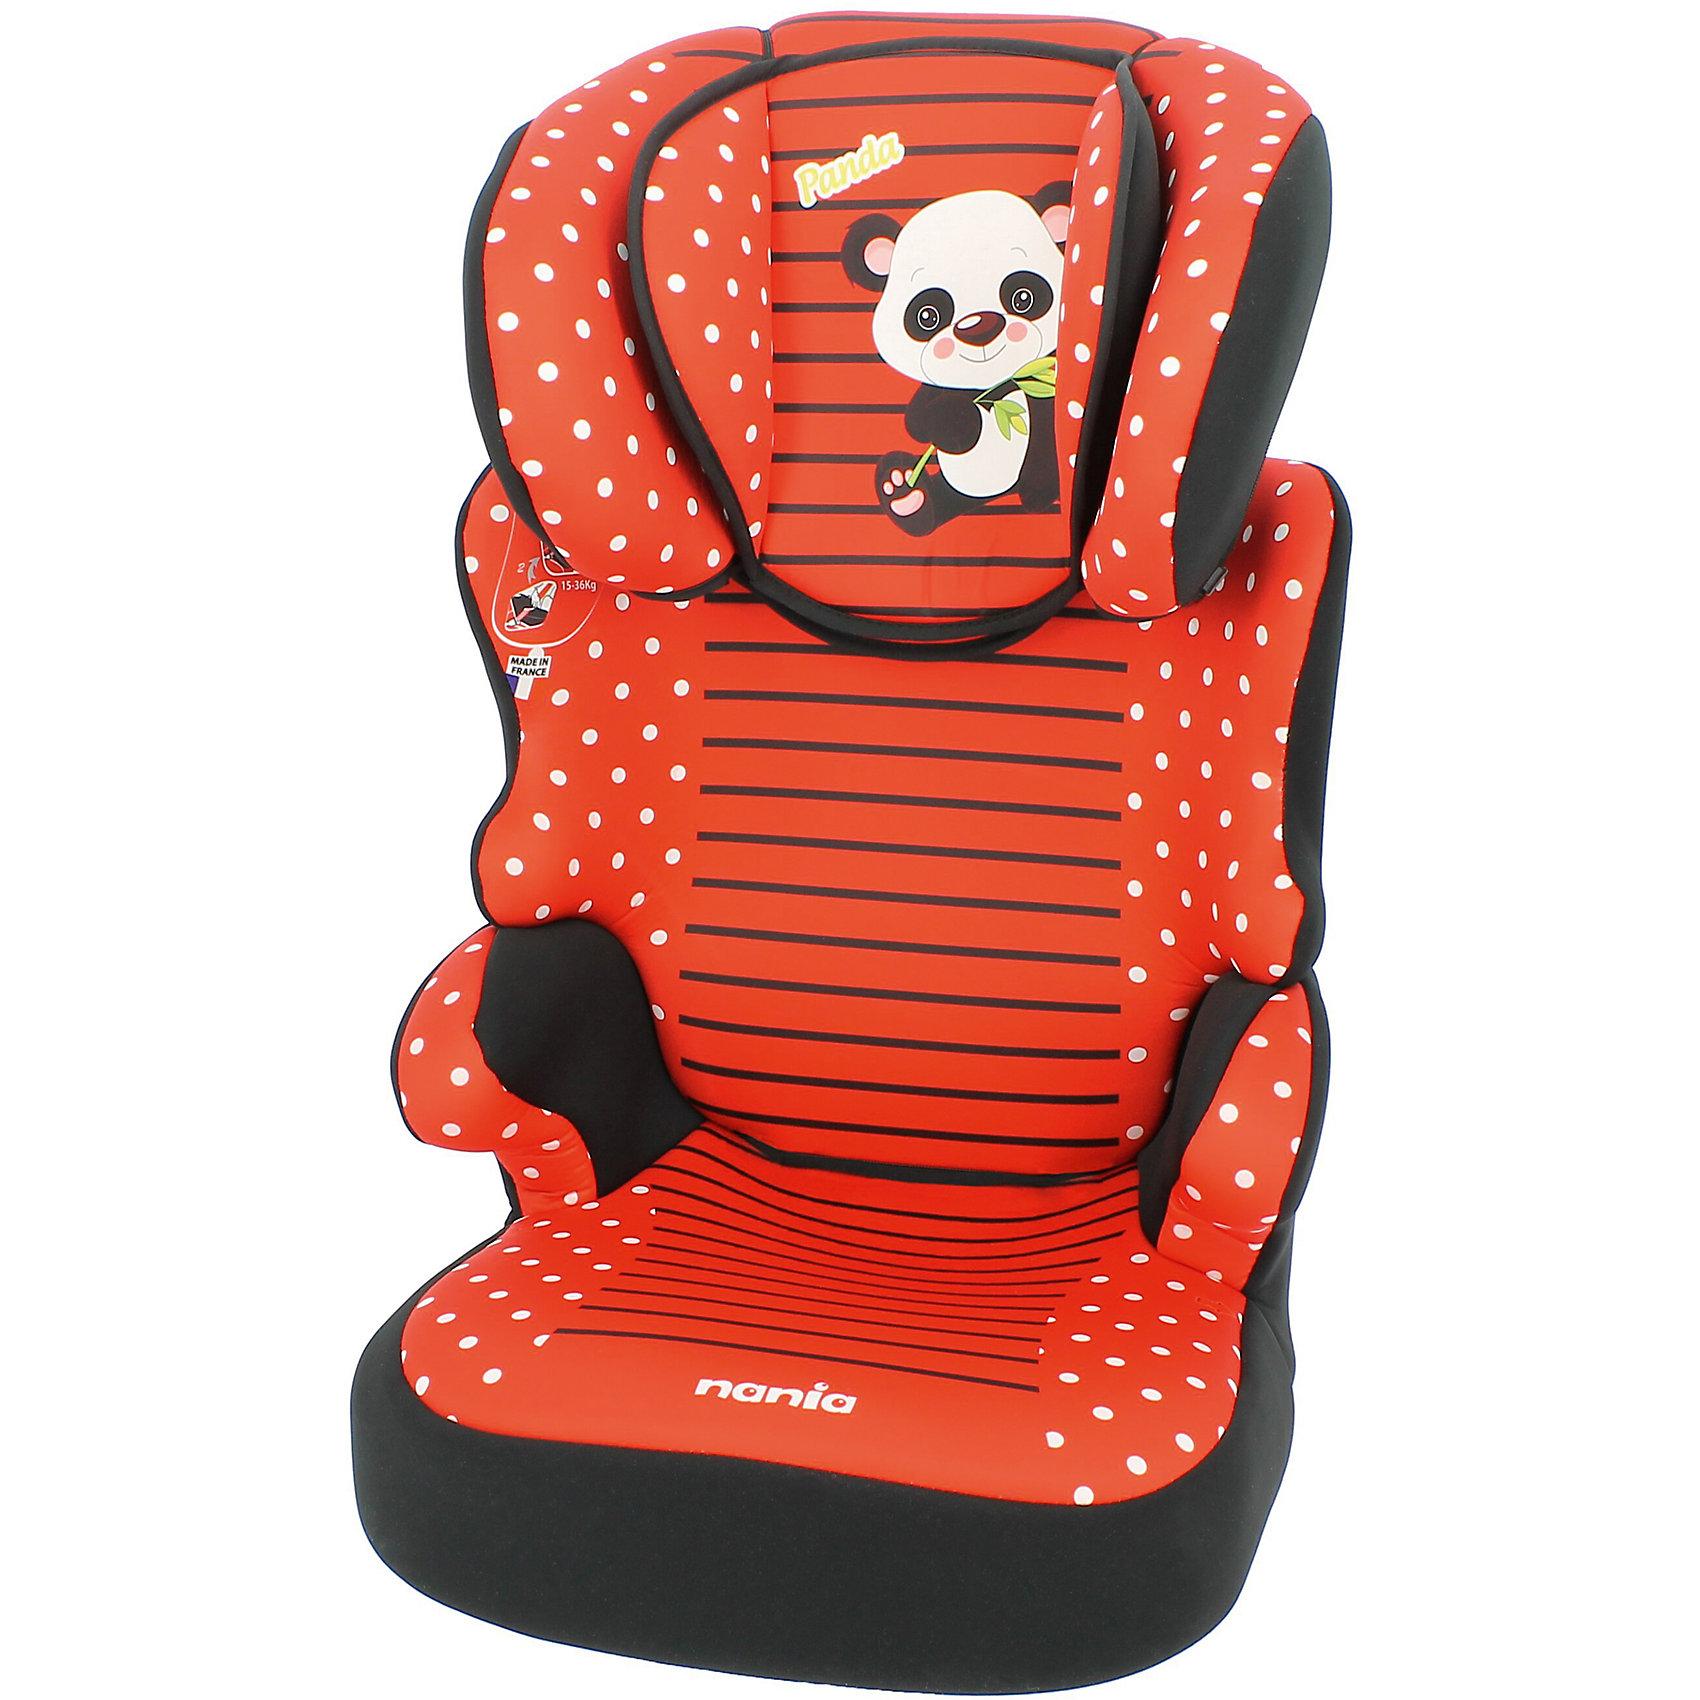 Автокресло Nania Befix SP, 15-36 кг, panda redГруппа 2-3 (От 15 до 36 кг)<br>Характеристики автокресла Nania Befix SP:<br><br>• группа 2-3;<br>• вес ребенка: 15-36 кг;<br>• возраст ребенка: от 3 до 12 лет;<br>• способ установки: по ходу движения автомобиля;<br>• способ крепления: штатными ремнями безопасности автомобиля;<br>• регулируемая высота подголовника: 6 положений;<br>• дополнительная защита от боковых ударов, система SP – Side Protection;<br>• подлокотники, широкие боковинки, дополнительная подушечка;<br>• возможность использовать автокресло как бустер – спинка снимается;<br>• съемные чехлы, стирка при температуре 30 градусов;<br>• материал: пластик, полиэстер;<br>• стандарт безопасности: ECE R44/04.<br><br>Размер автокресла: 45х45х72/88 см<br>Размер сиденья: 34х30 см<br>Высота спинки: 64-75 см<br>Вес автокресла: 4,7 кг<br><br>Безопасно путешествовать с ребенком на автомобиле позволяет автокресло. Для детей от 3 до 12 лет используется автокресло Nania Befix SP. Брендовое оформление, соответствие стандартам качества, дополнительные элементы для комфортного пребывания ребенка в автокресле. <br><br>Автокресло Befix SP, 15-36 кг., Nania, panda red можно купить в нашем интернет-магазине.<br><br>Ширина мм: 710<br>Глубина мм: 450<br>Высота мм: 500<br>Вес г: 8780<br>Возраст от месяцев: 36<br>Возраст до месяцев: 144<br>Пол: Женский<br>Возраст: Детский<br>SKU: 5287285